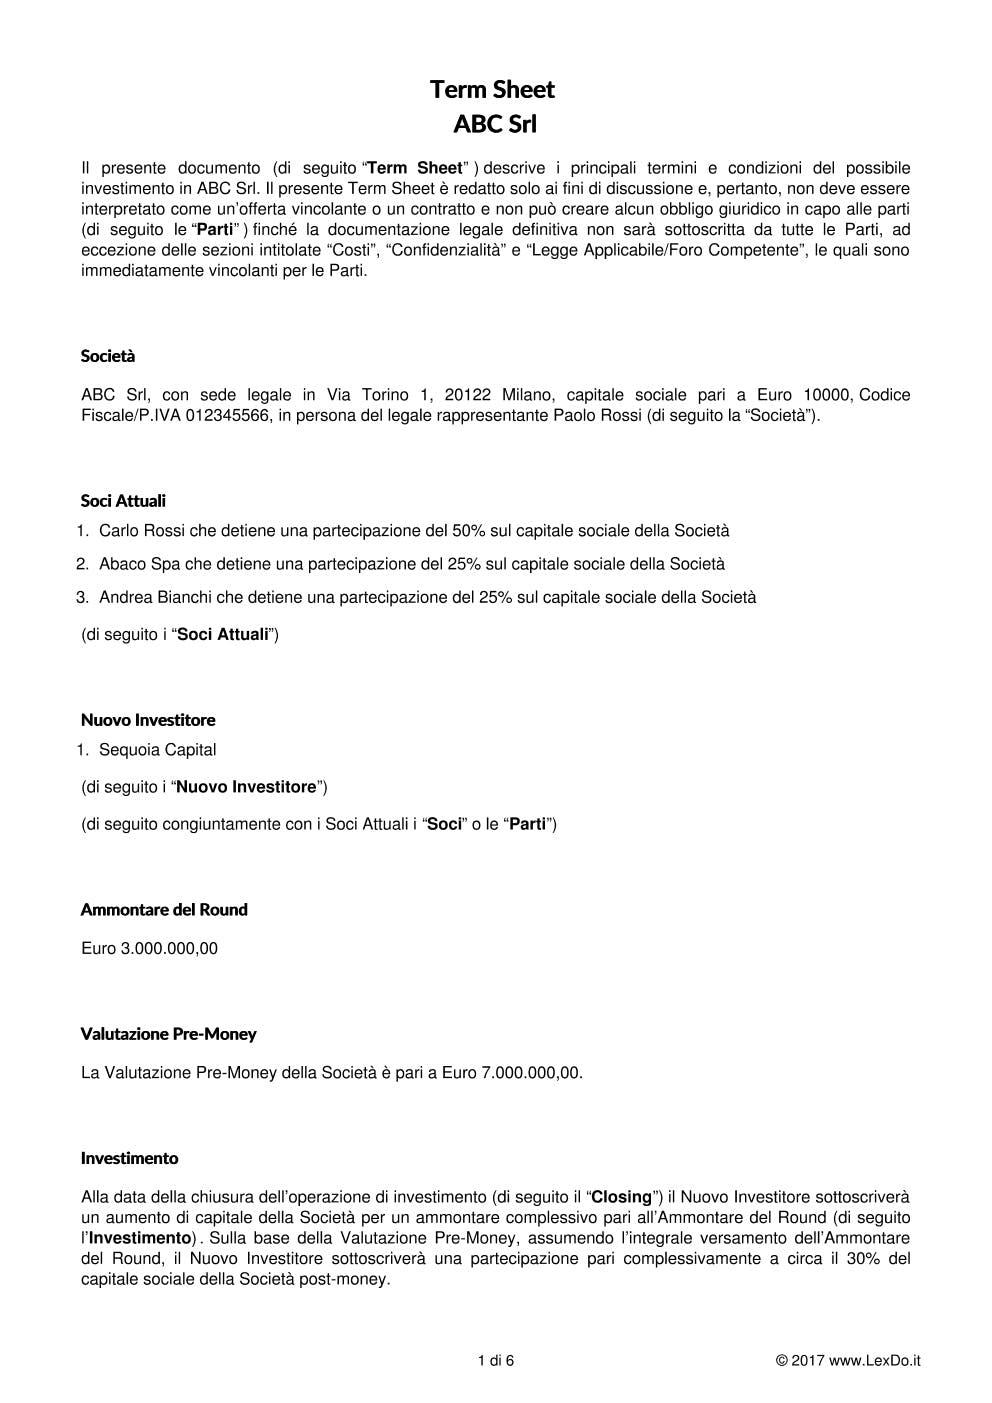 Term Sheet per Contratto di Investimento modello